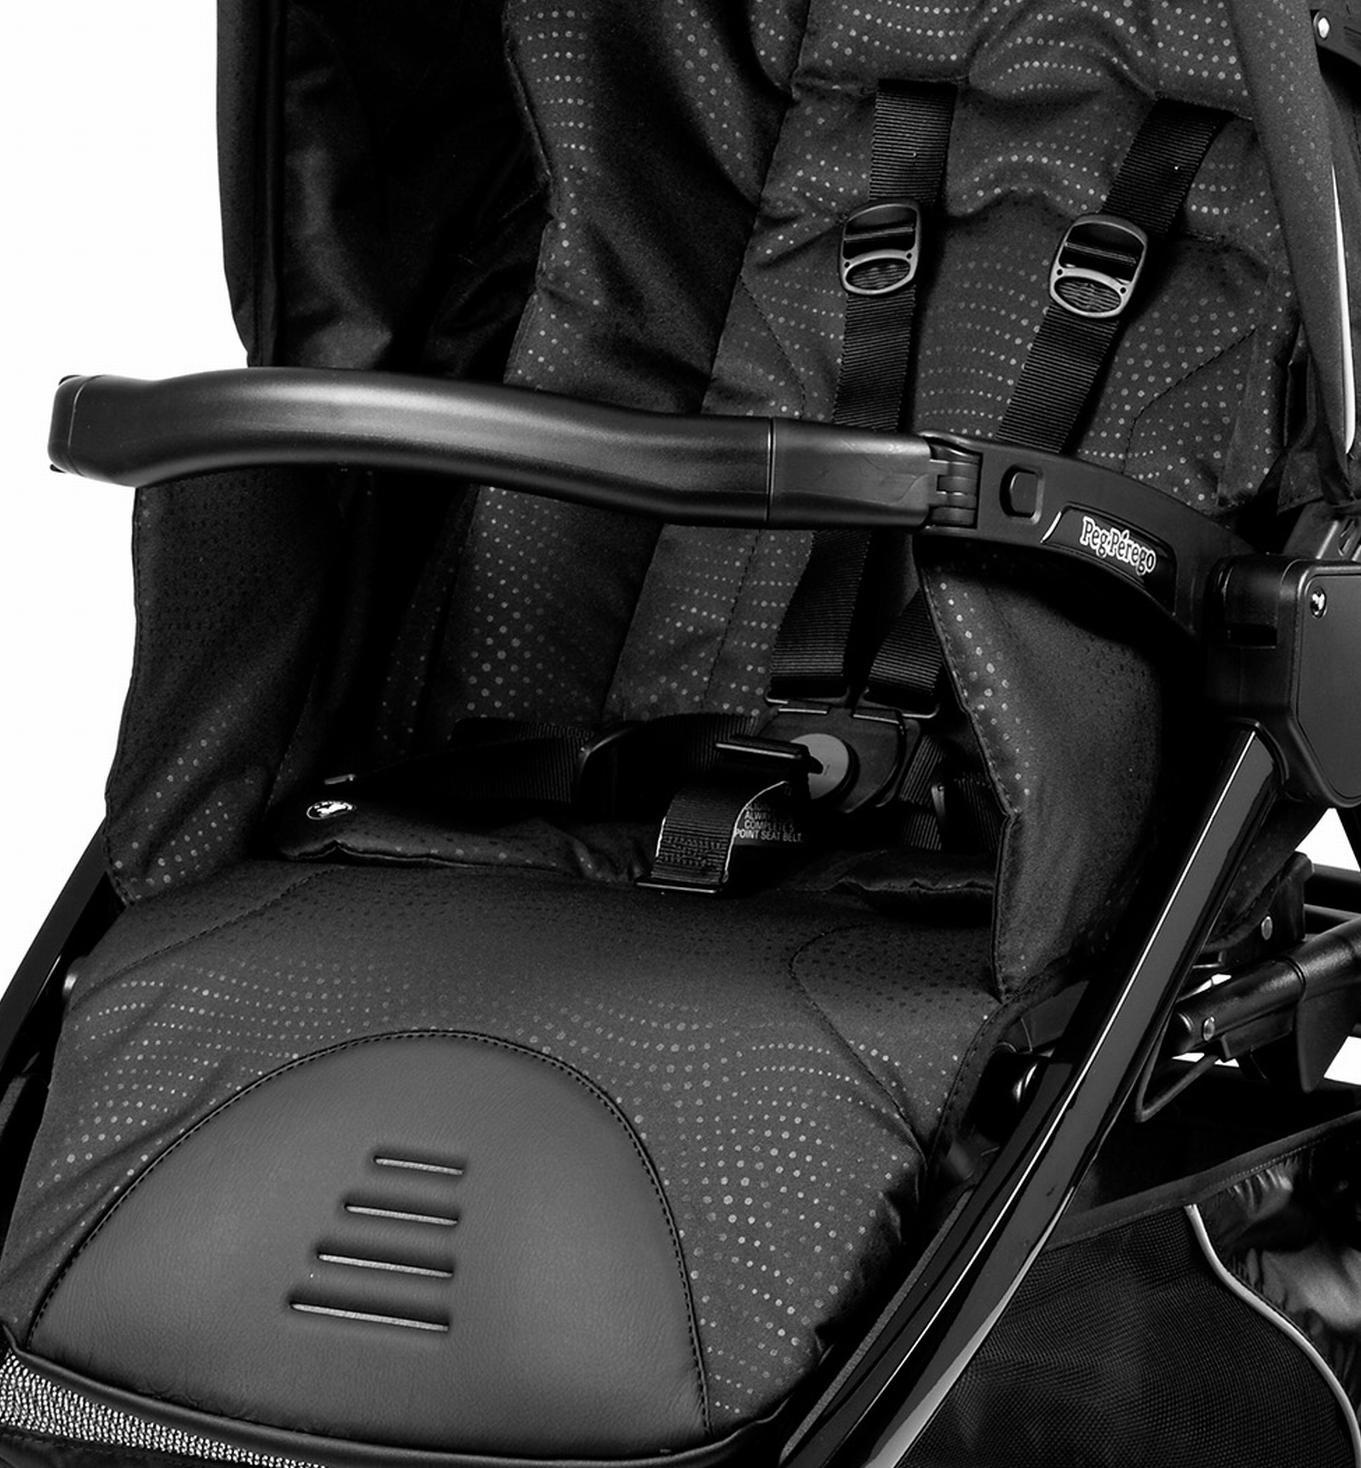 peg perego bbkcx1mred komfort buggy book rot baby. Black Bedroom Furniture Sets. Home Design Ideas